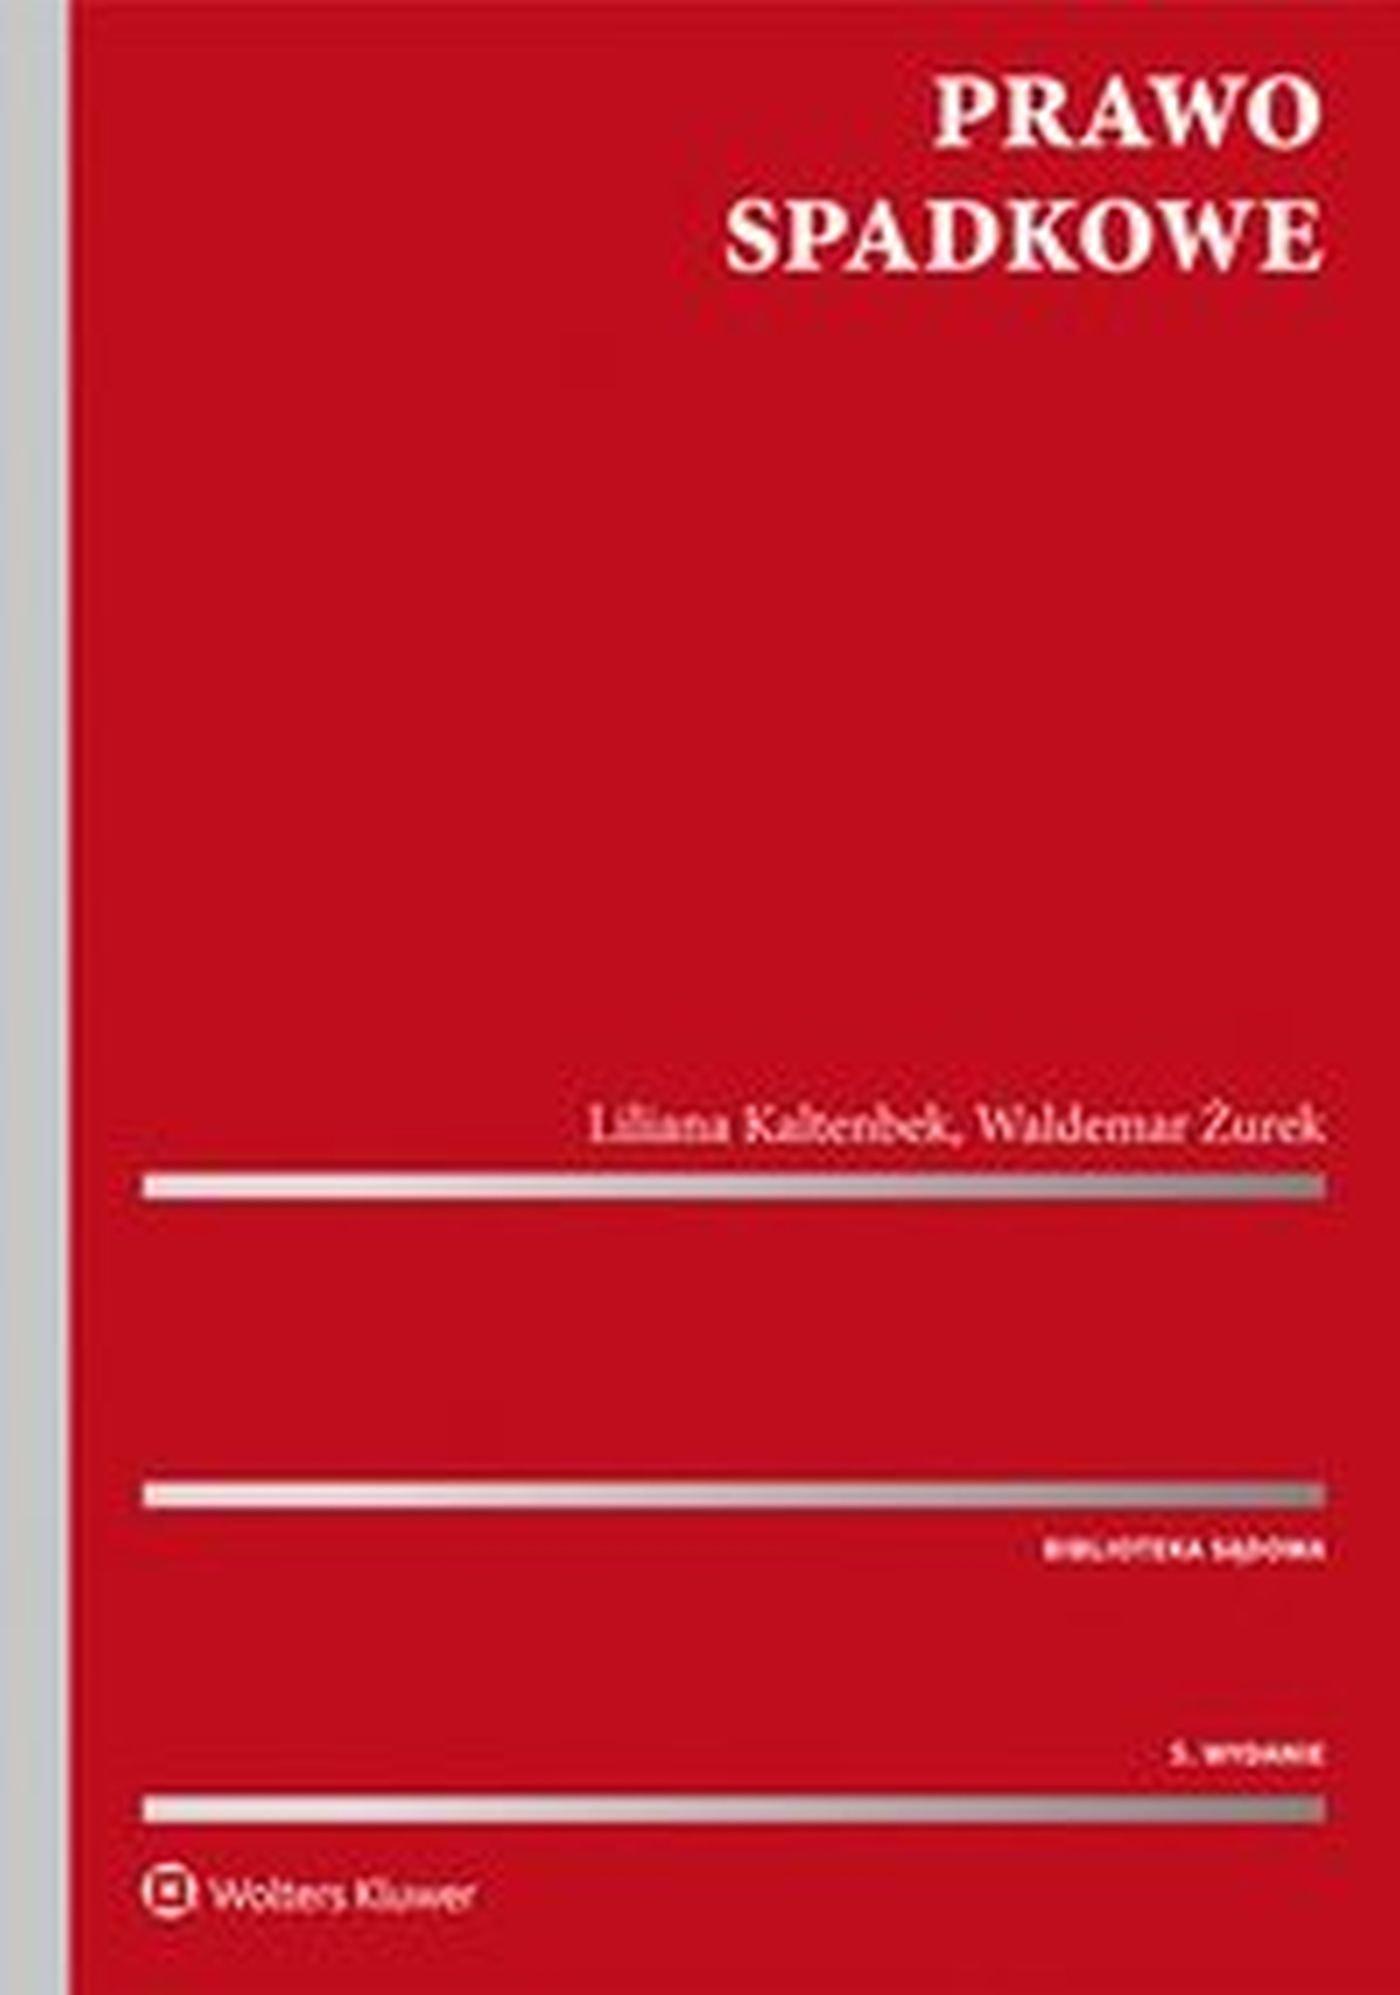 Prawo spadkowe - Ebook (Książka EPUB) do pobrania w formacie EPUB